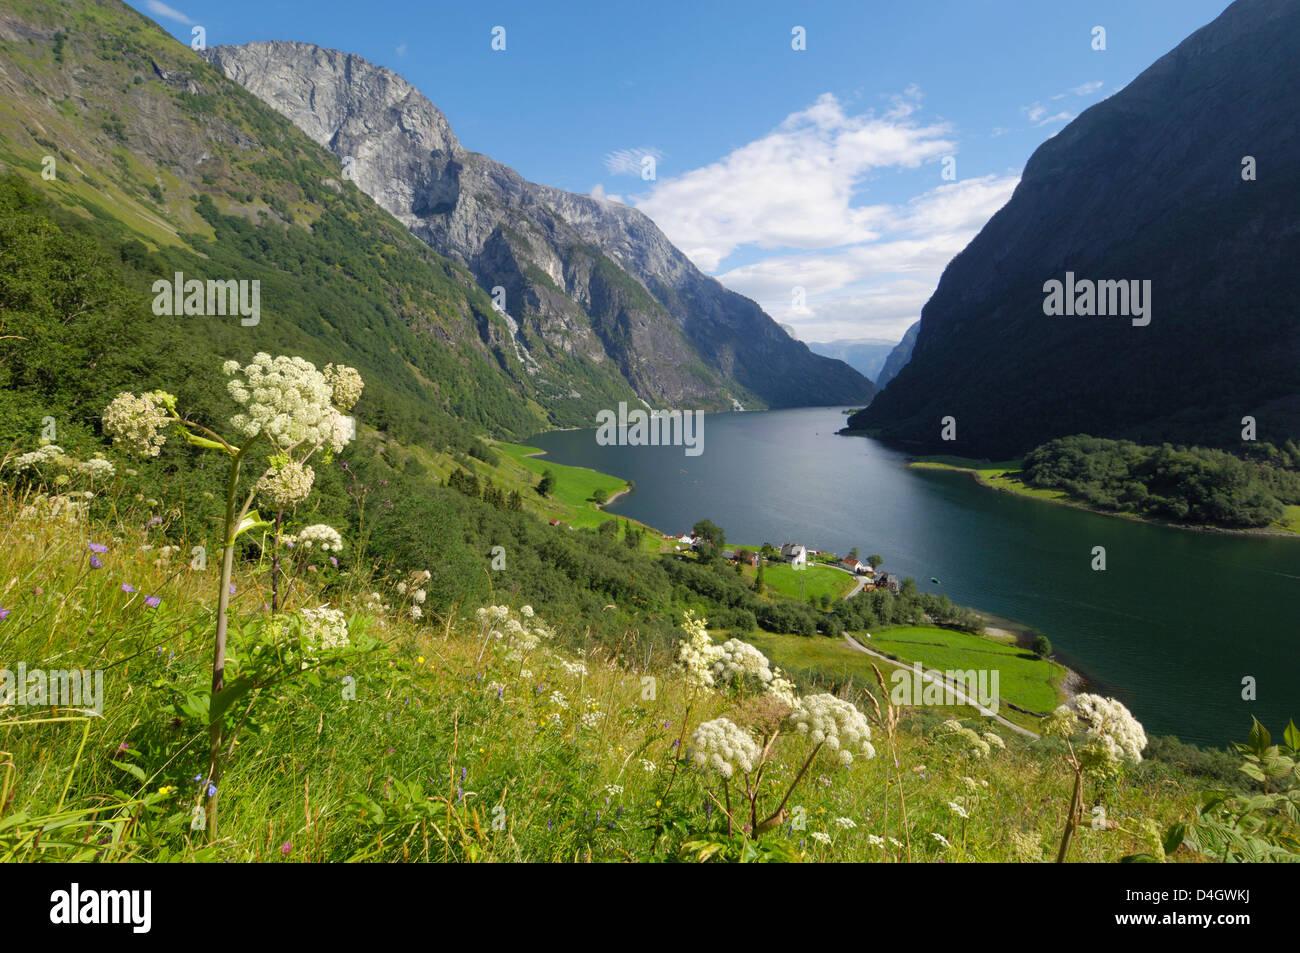 Wildflower meadow overlooking Naeroyfjorden, Sogn og Fjordane, UNESCO World Heritage Site, Norway, Scandinavia - Stock Image